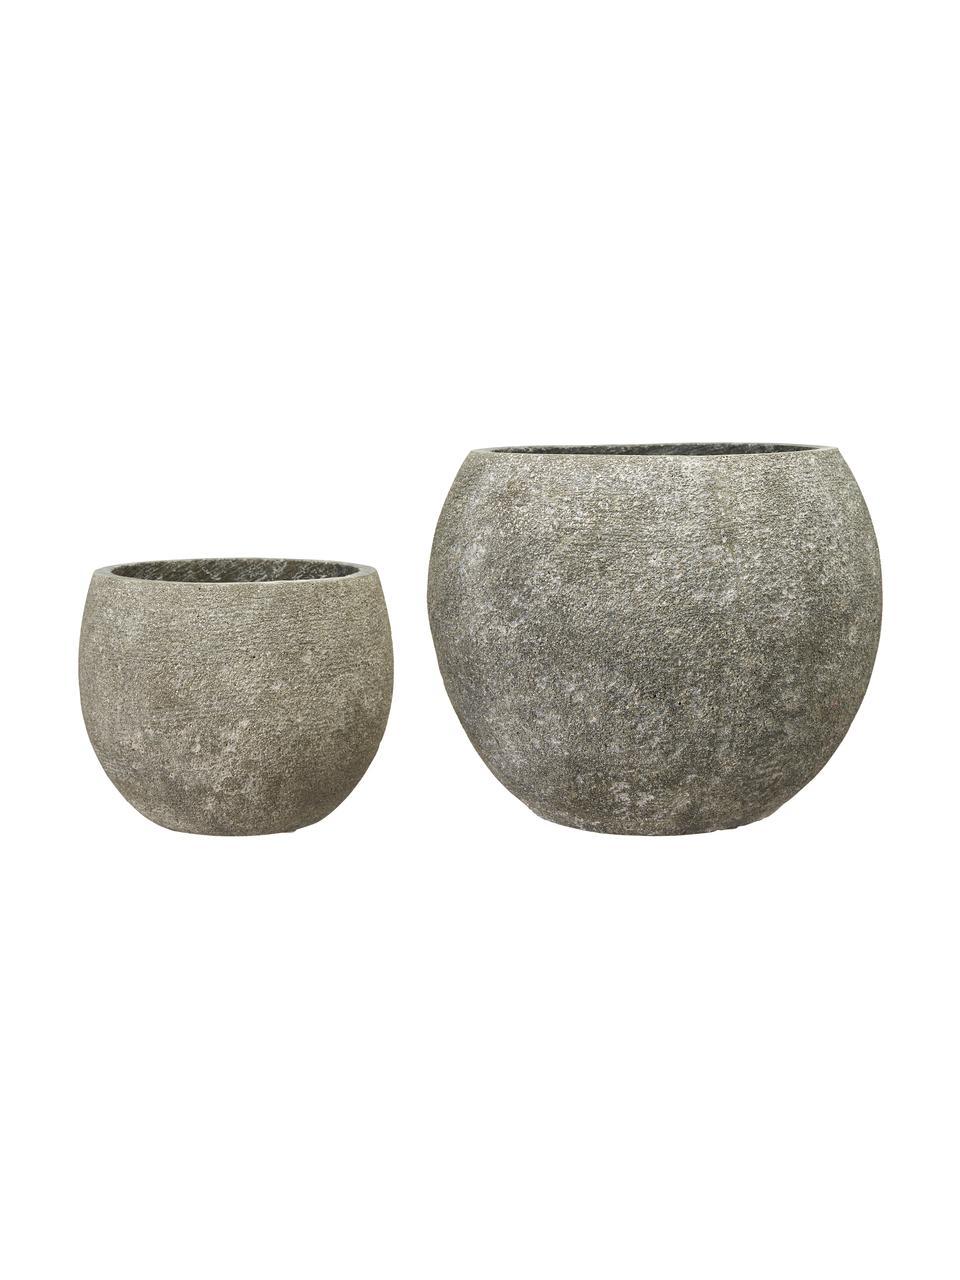 Komplet dużych osłonek na doniczkę Klara, 2 elem., Beton, Szary, Komplet z różnymi rozmiarami